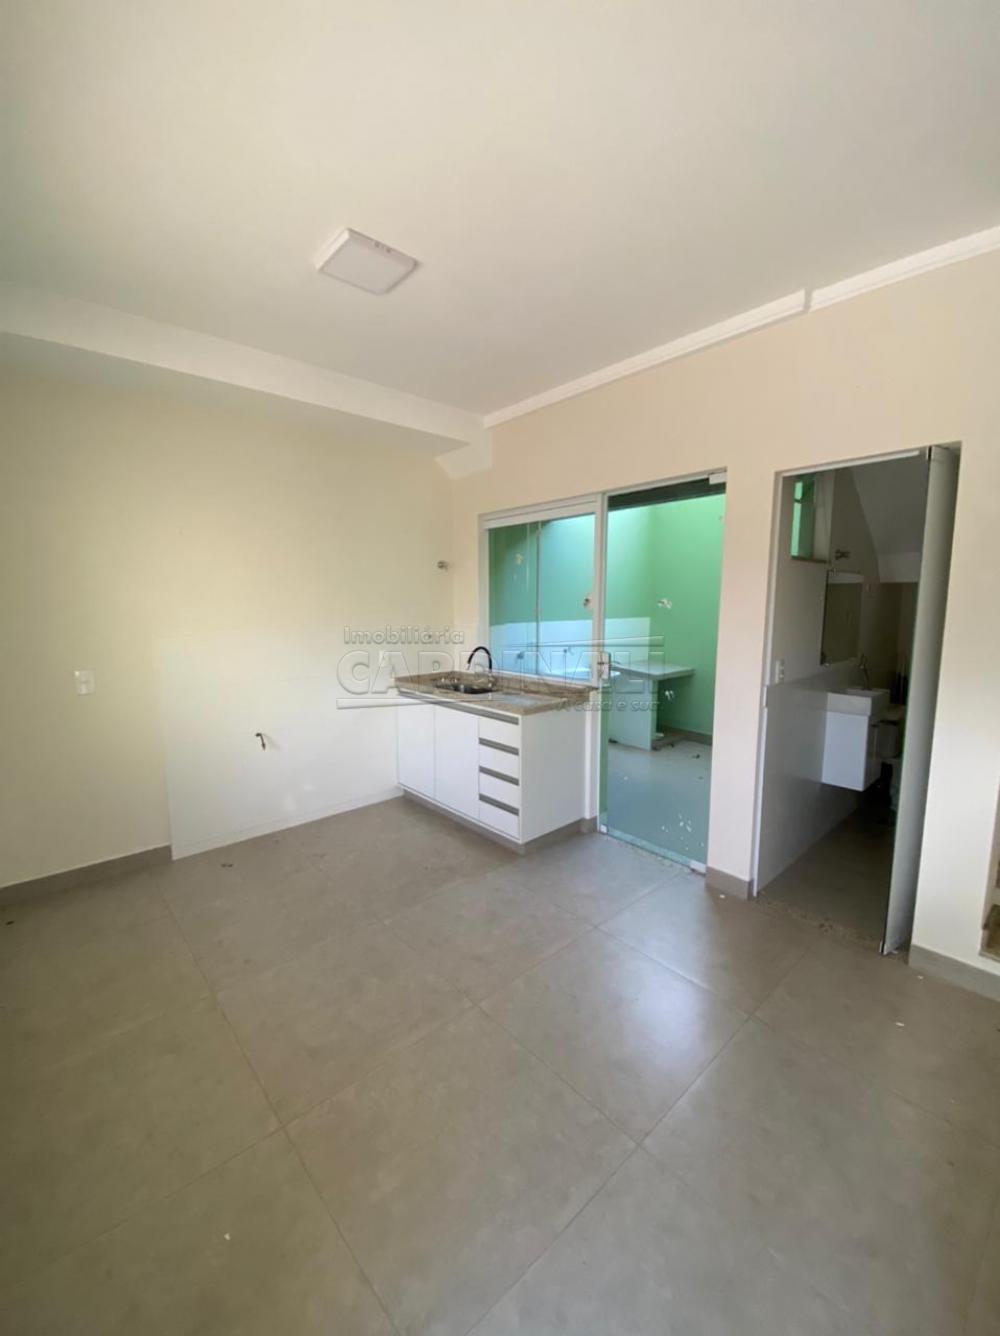 Alugar Casa / Padrão em São Carlos R$ 834,00 - Foto 4